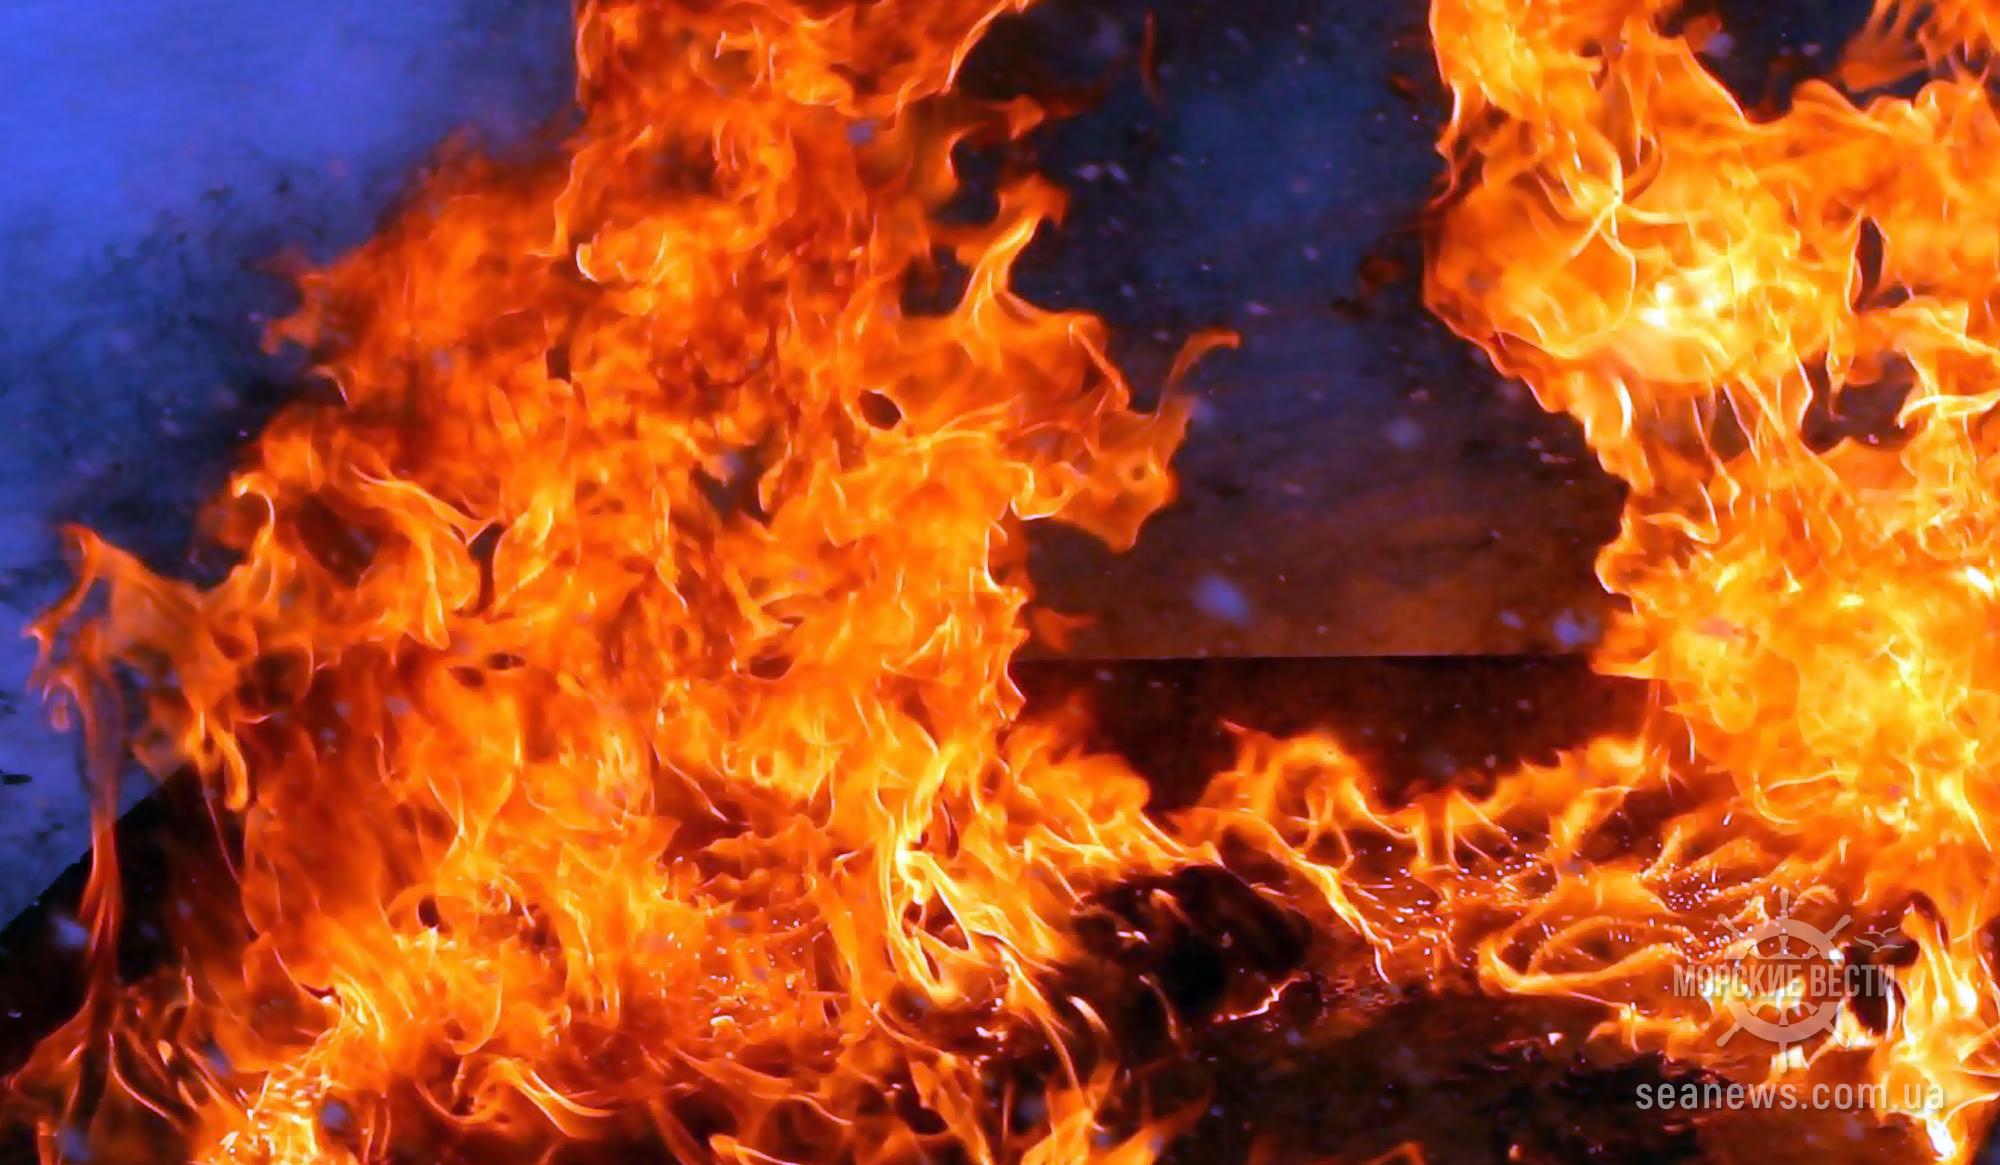 Во время пожара экипаж судна эвакуировался на плотах